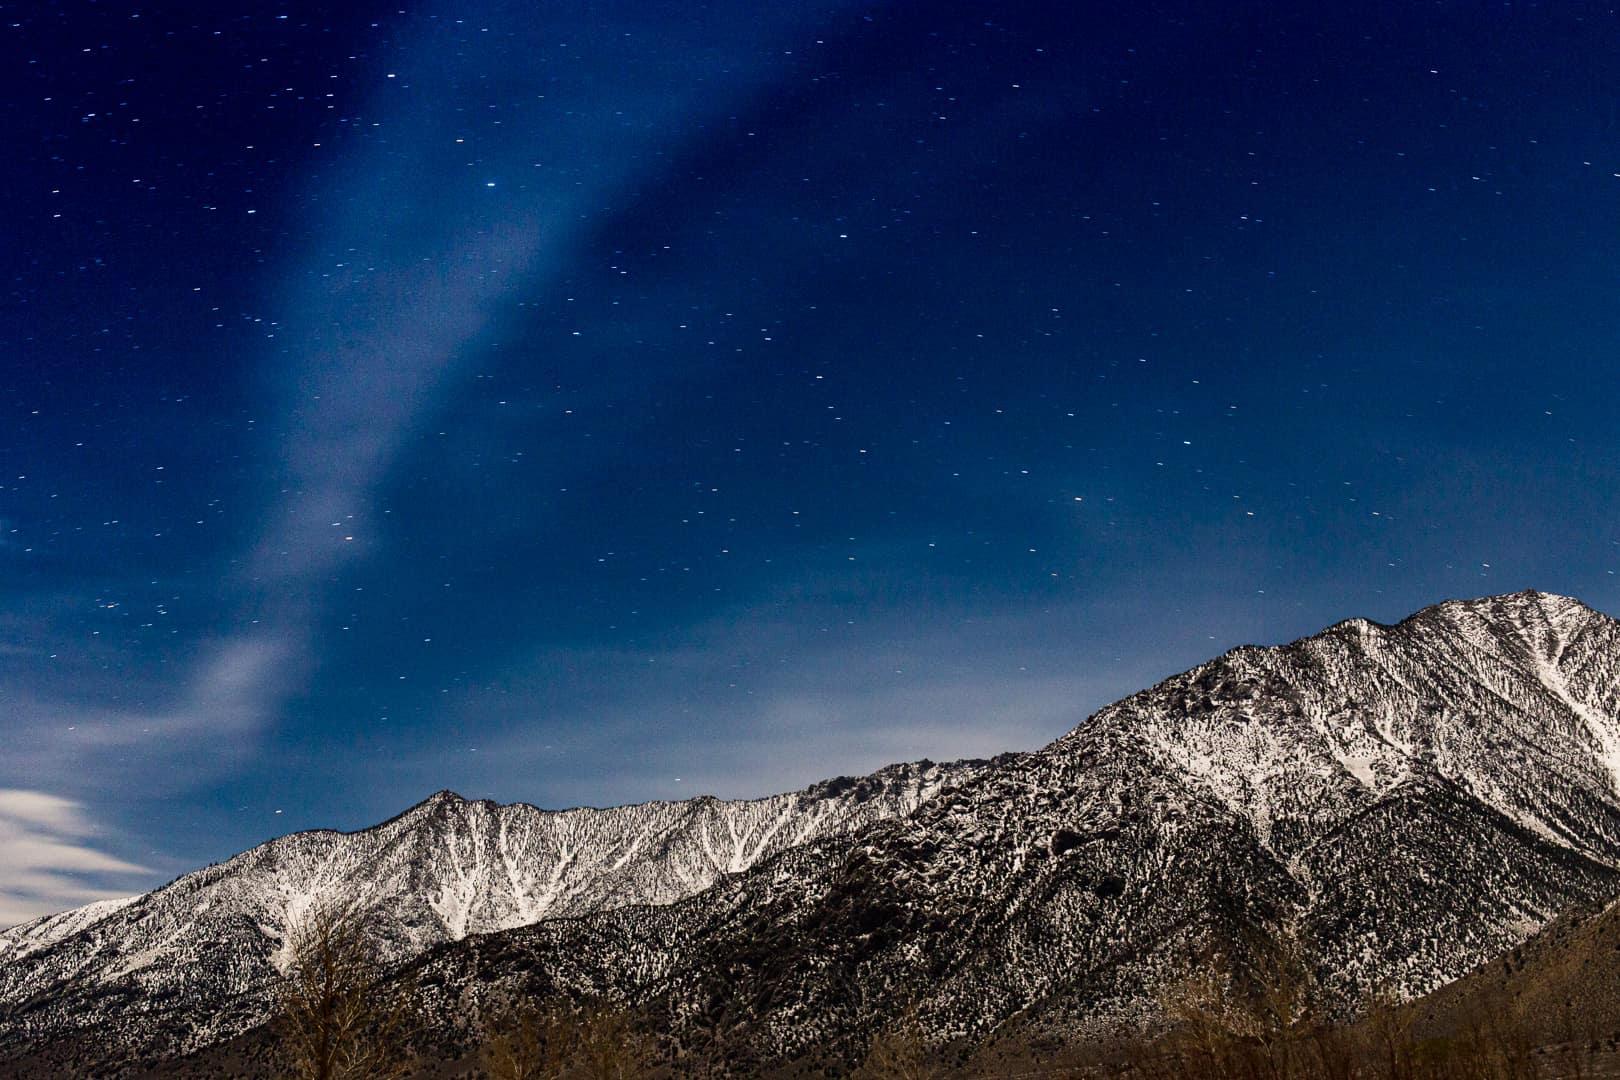 Moonlight, Eastern Sierra, January 2016